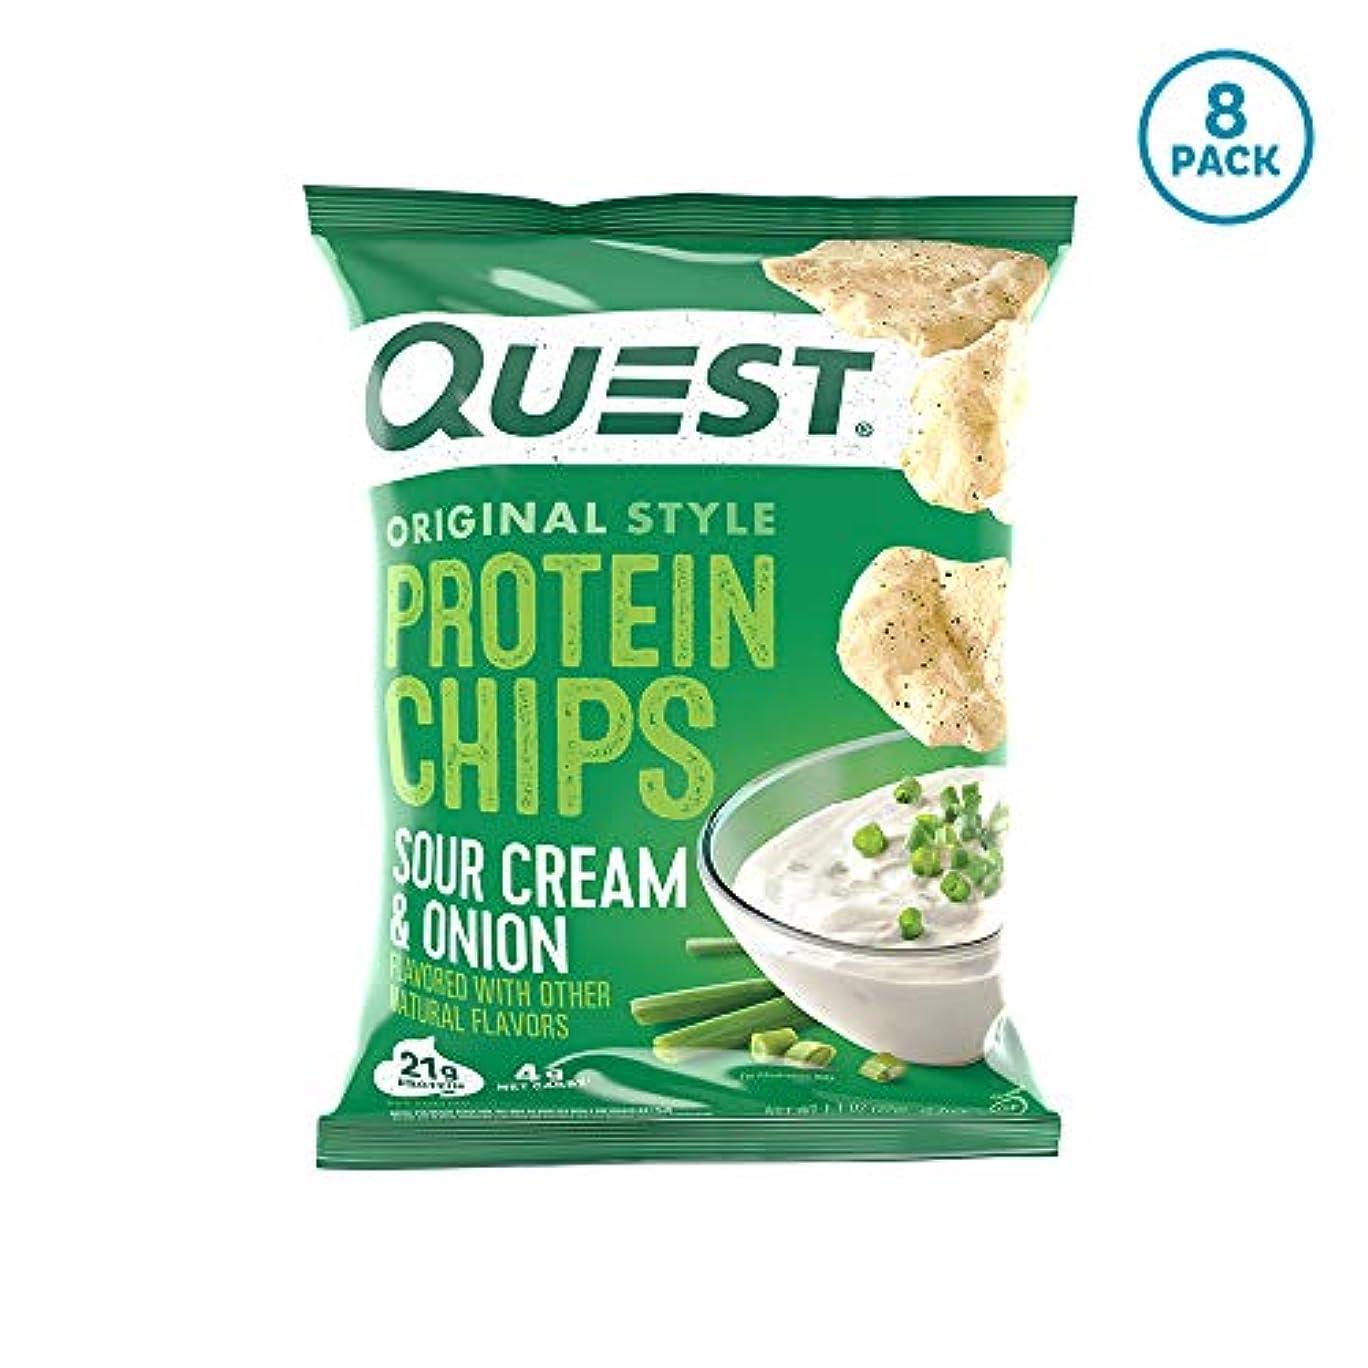 圧倒するティーンエイジャー優先プロテイン チップス サワークリーム&オニオン フレイバー クエスト 8袋セット 並行輸入品 Quest Nutrition Protein Chips Sour Cream & Onion Pack of 8 海外直送品